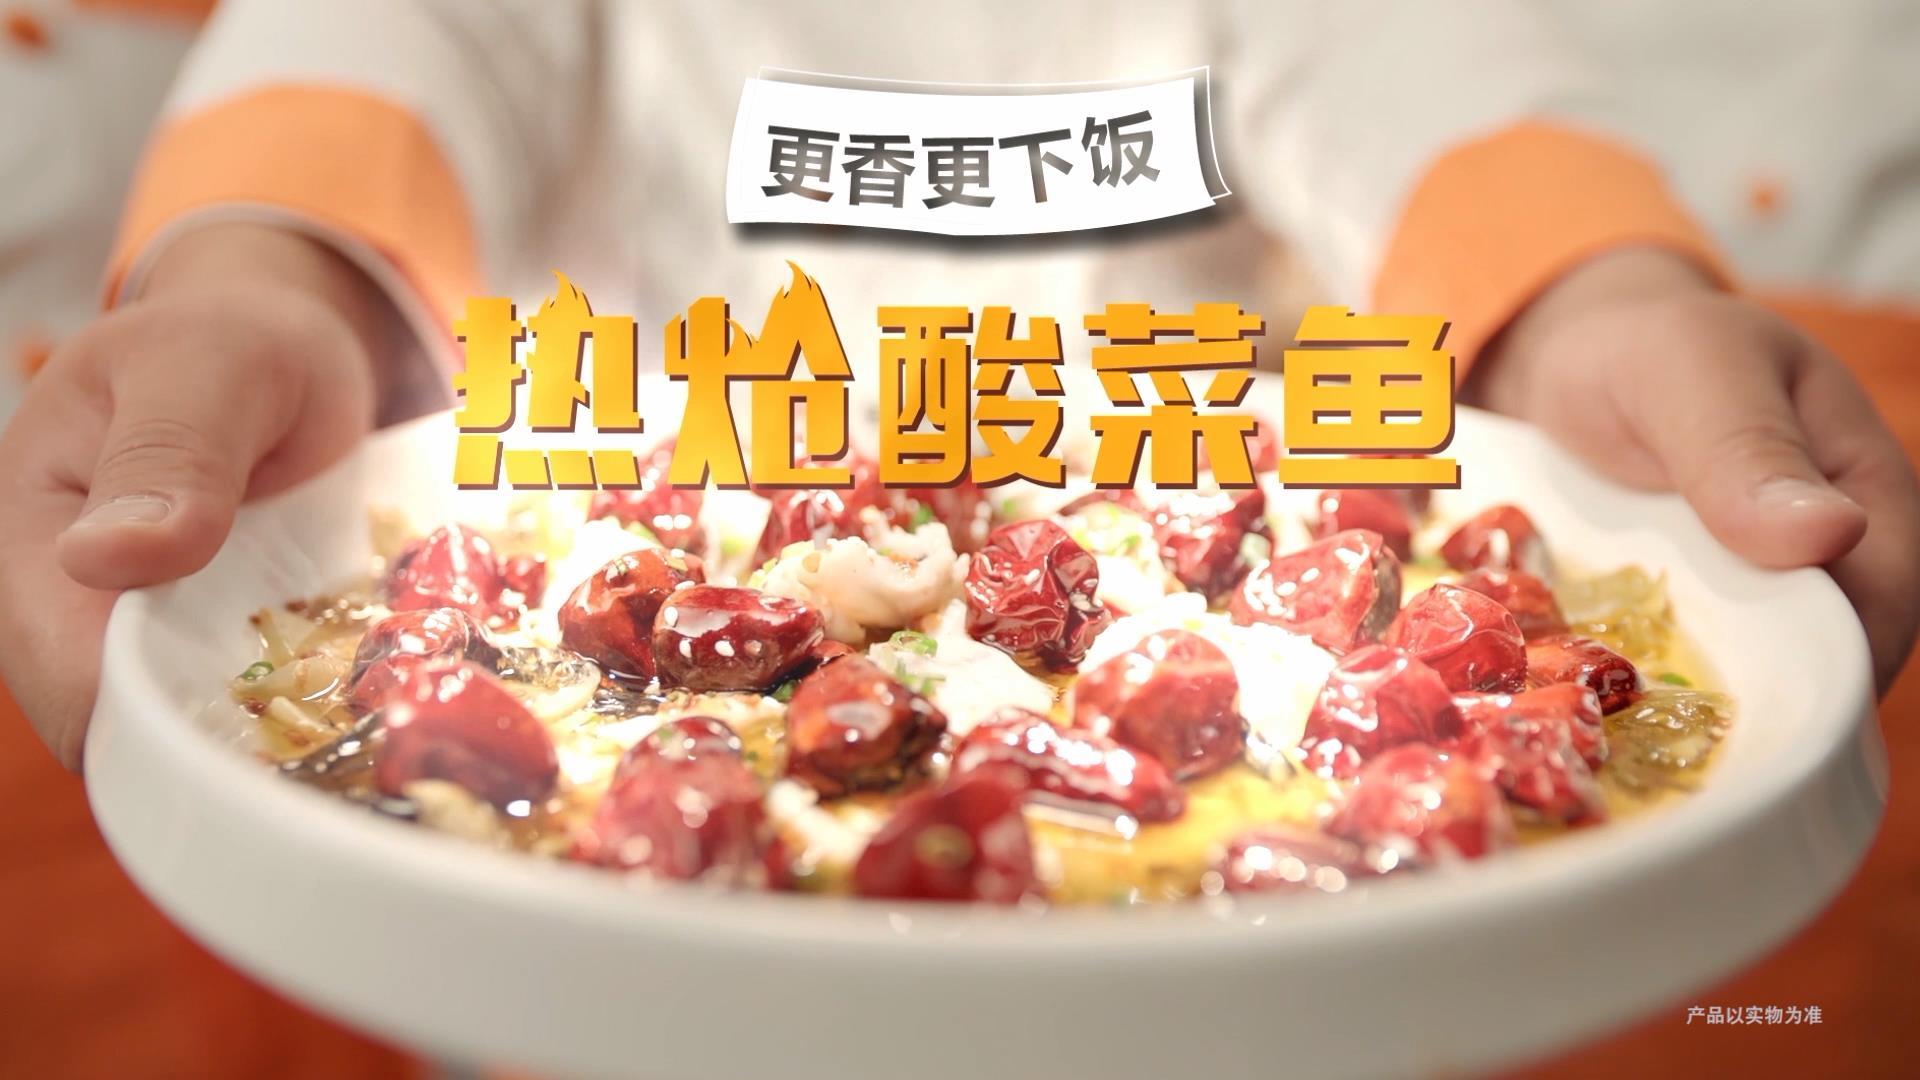 鱼你在一起2019再登央视,组合湖南浙江卫视发出酸菜鱼快餐更强声量